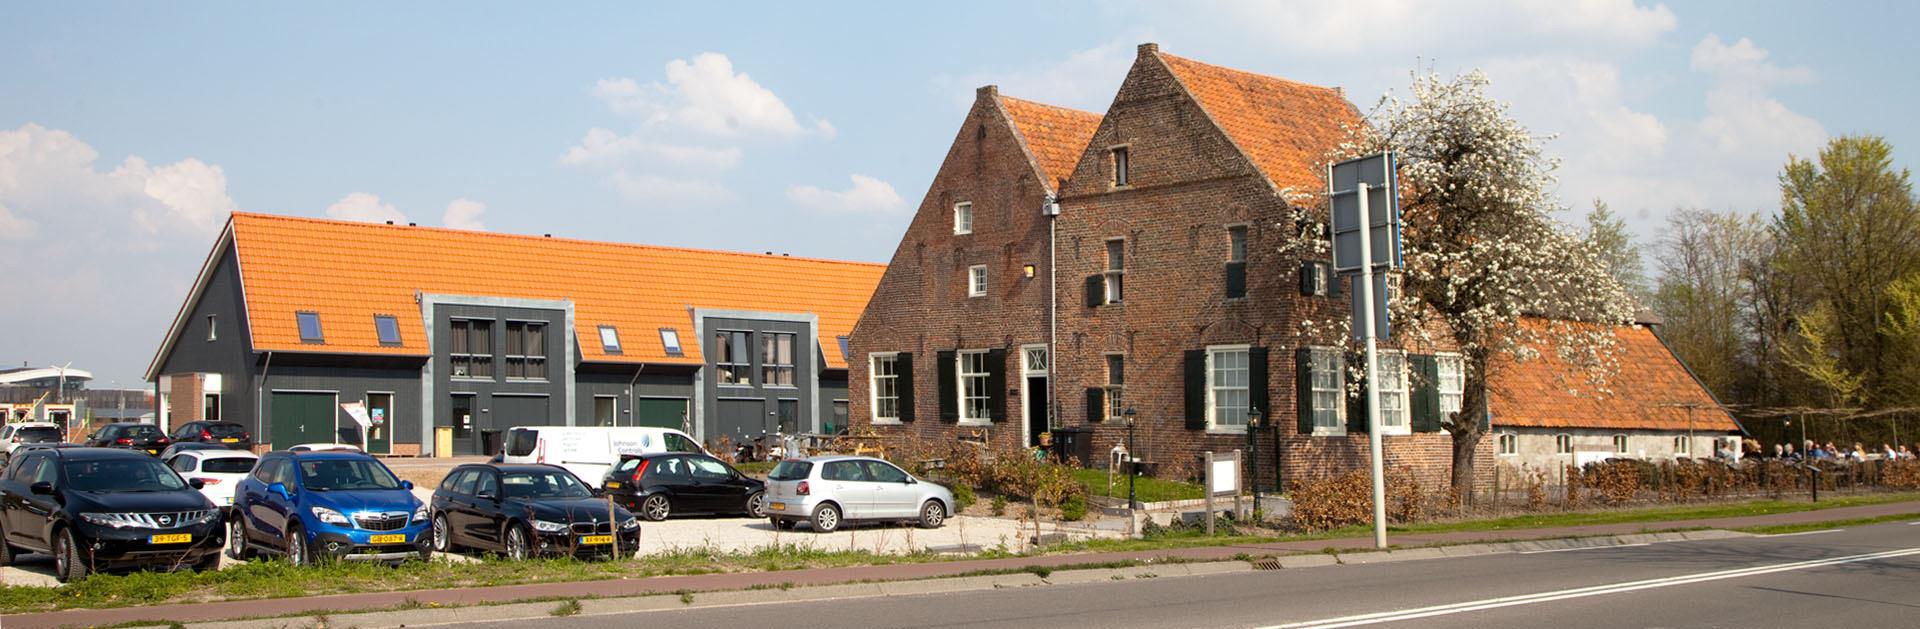 Huis Hamerden - Westervoort Regio Achterhoek - Liemers